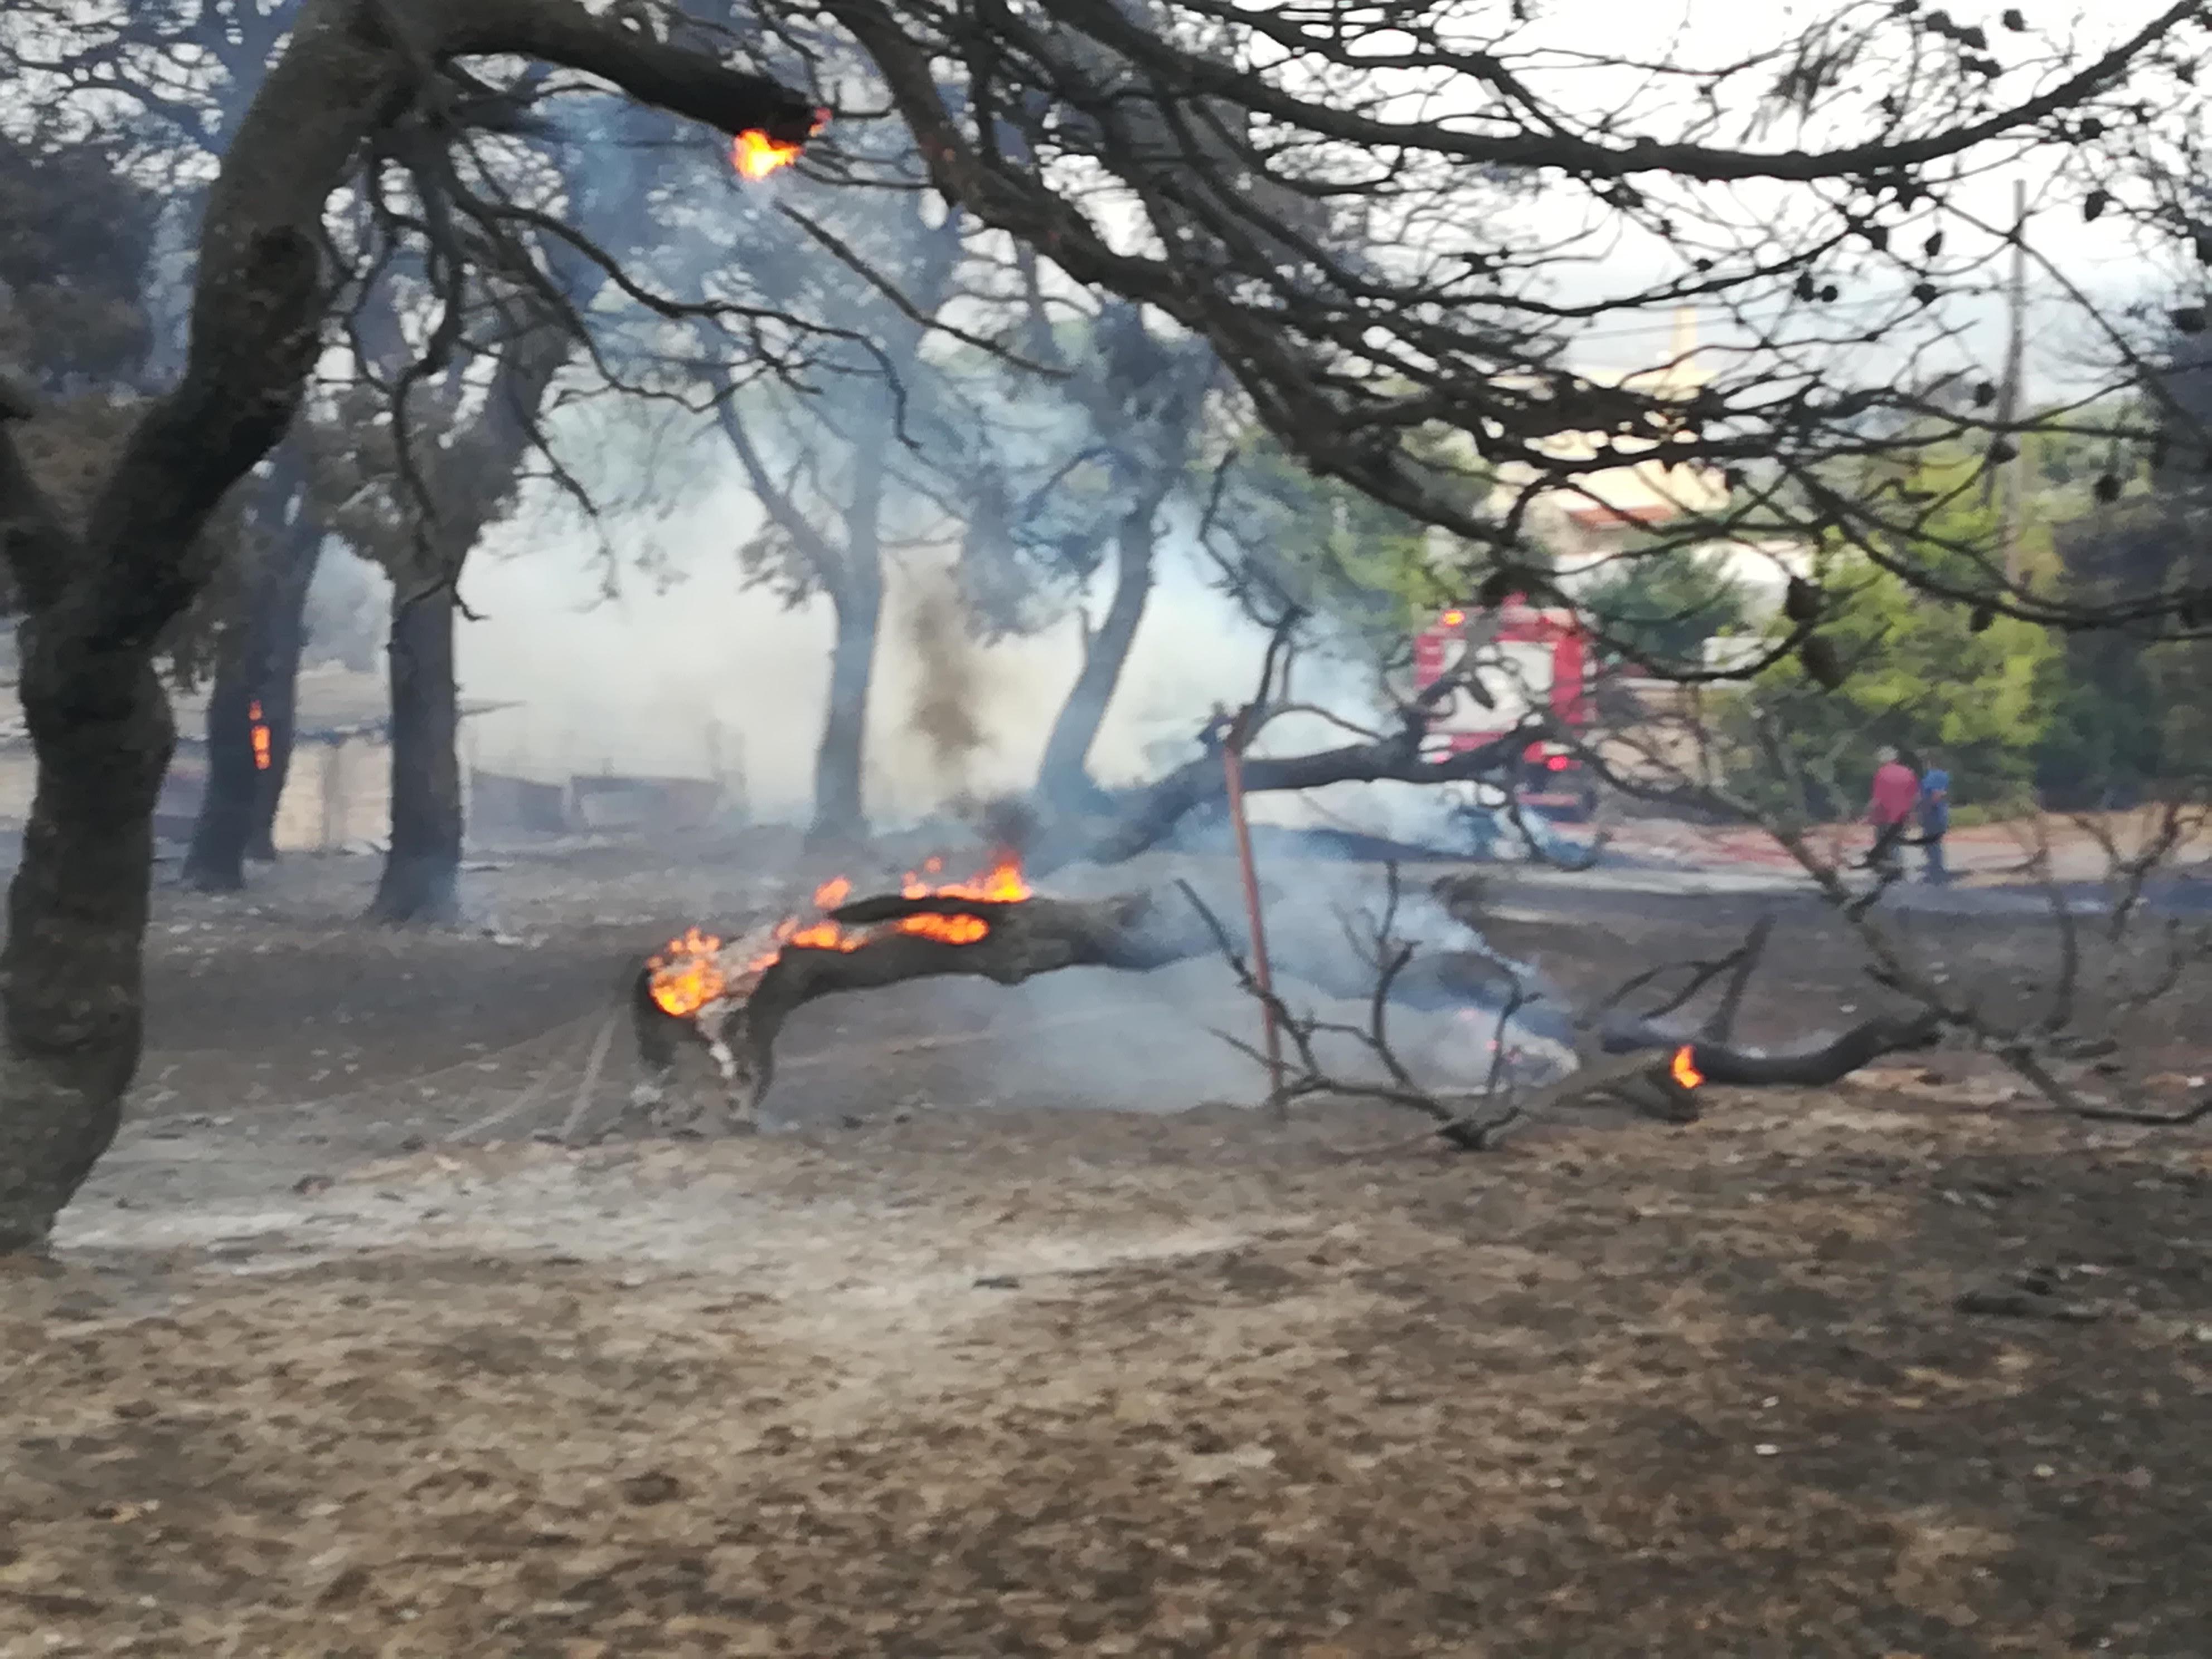 eikones-oloklirotikis-katastrofis-apo-tis-pyrkagies-foto-amp-8211-vinteo7